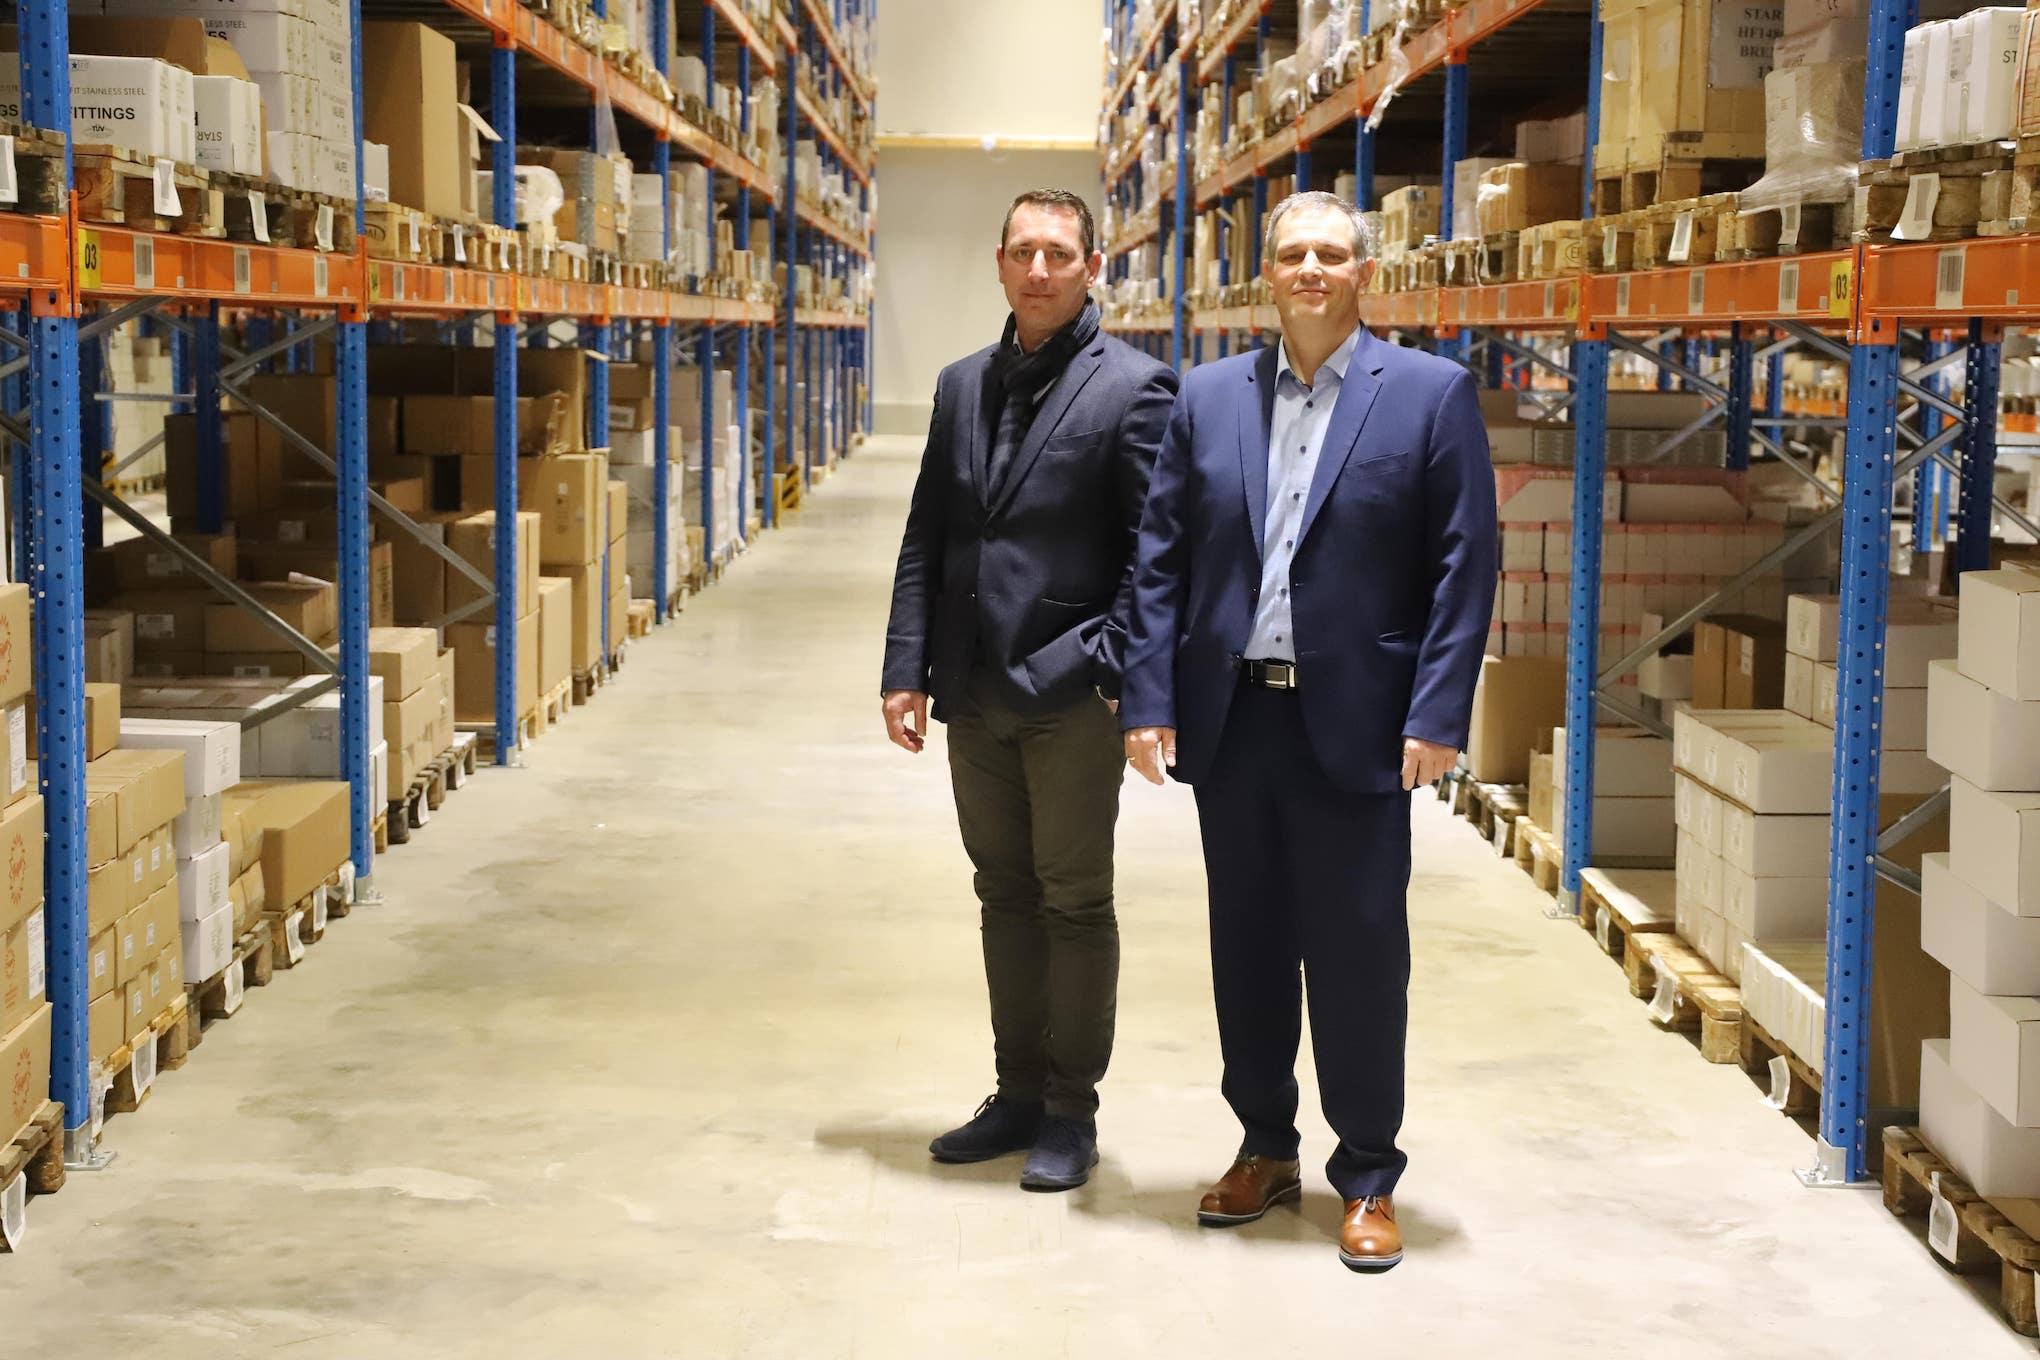 Freuen sich schon auf die neuen Roboter: Raimund Bergler (r.) und Mike Schubert